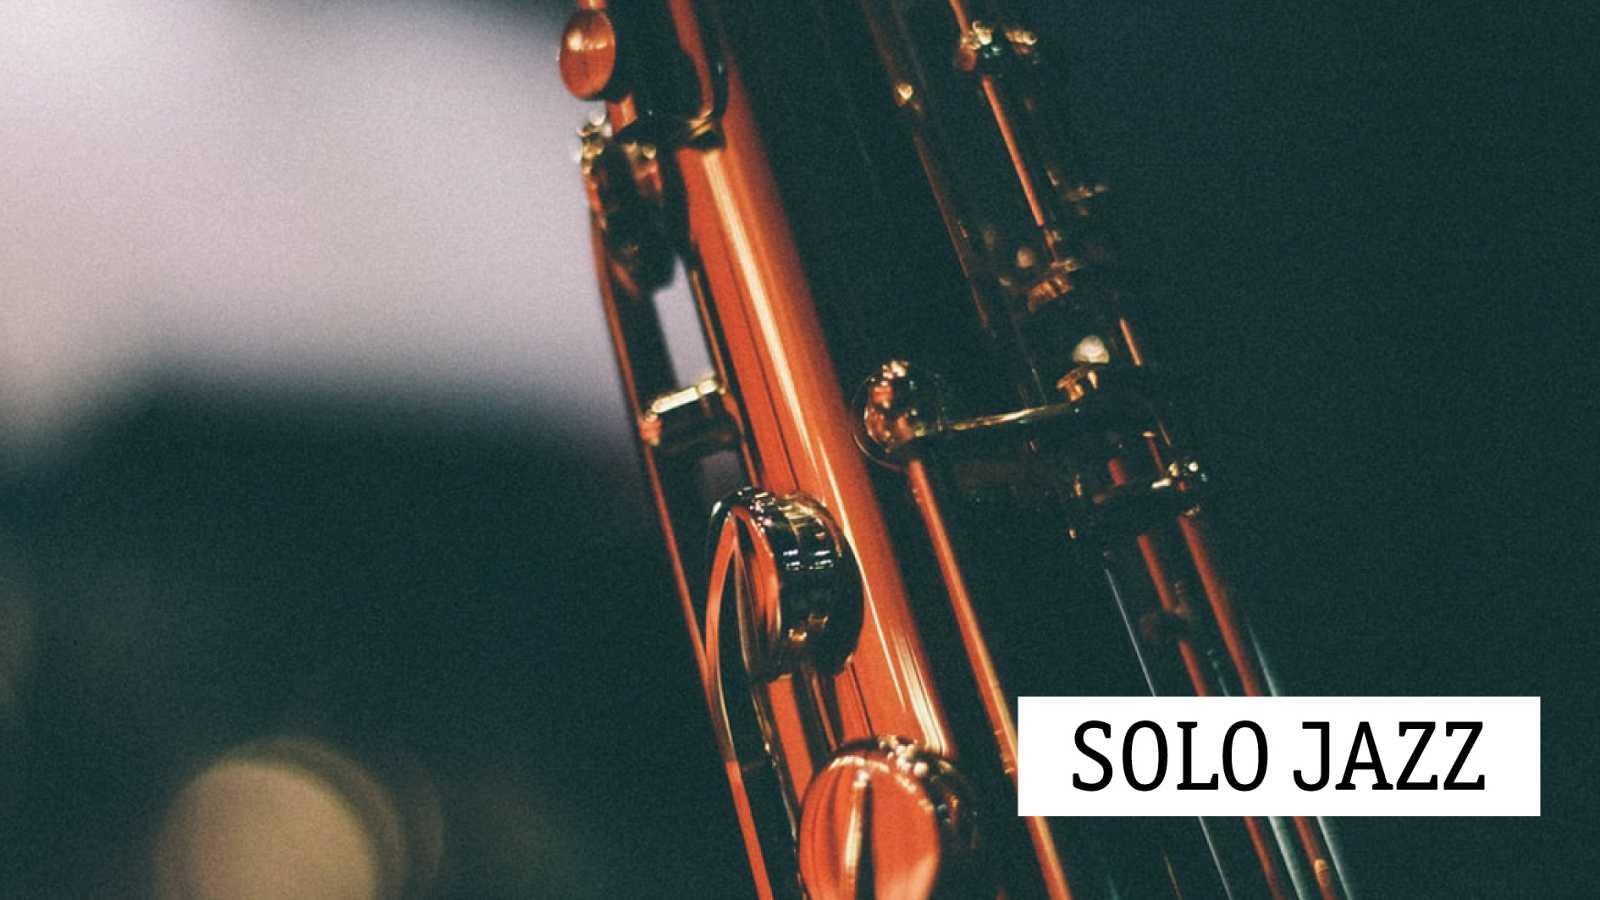 Solo jazz - Un poco de historia razonada - 23/11/20 - escuchar ahora